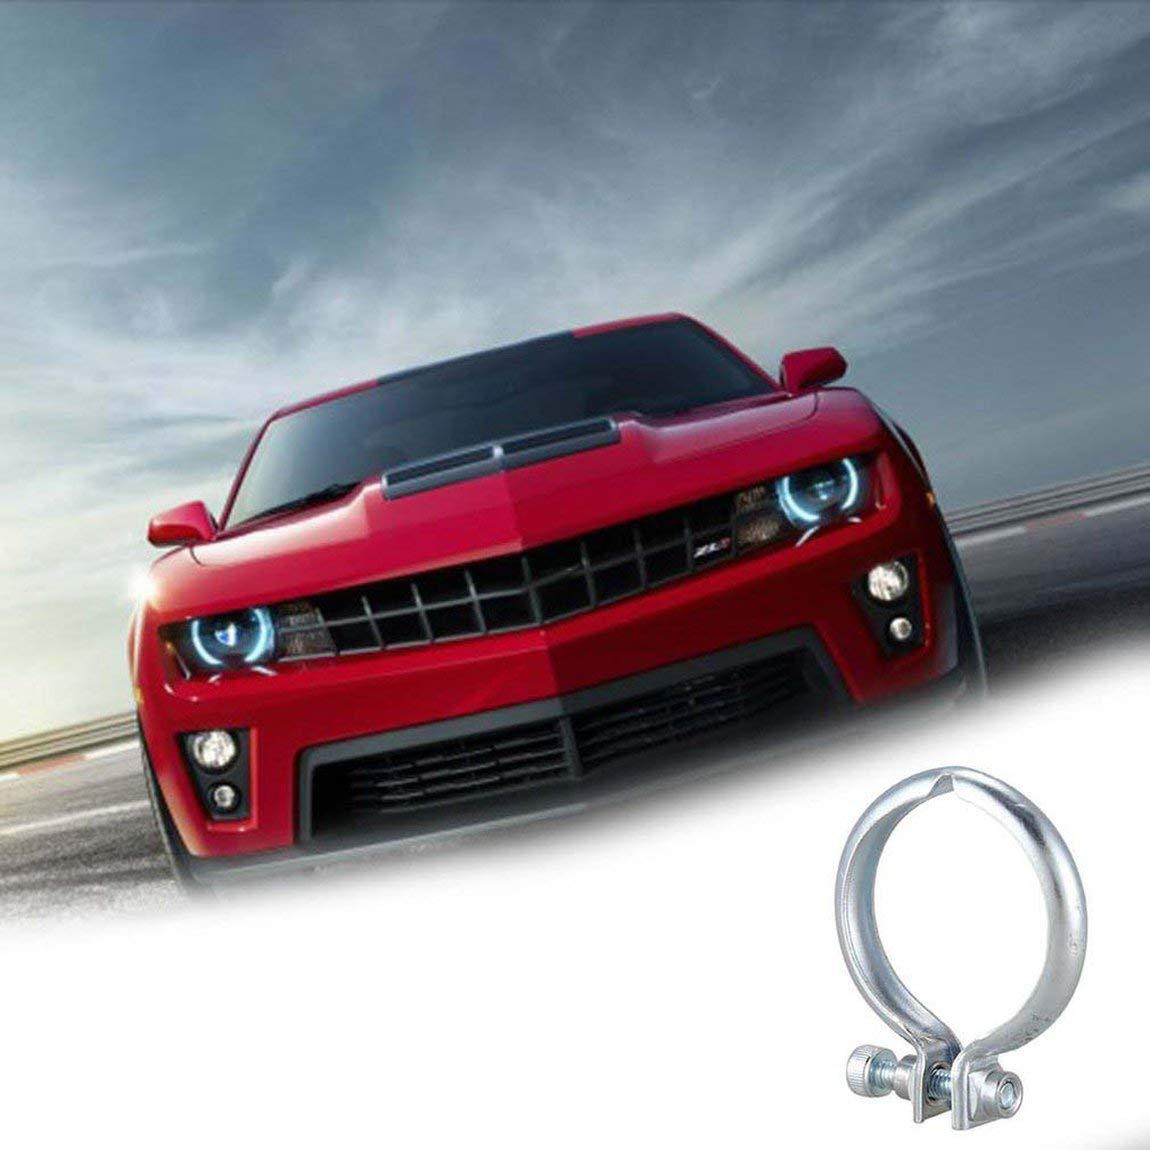 Collare di fissaggio Collare valvola EGR Serracavo Collare per Citroen per Fiat per Ford per Mazda per Peugeot per Volvo per OPA /& colore: argento